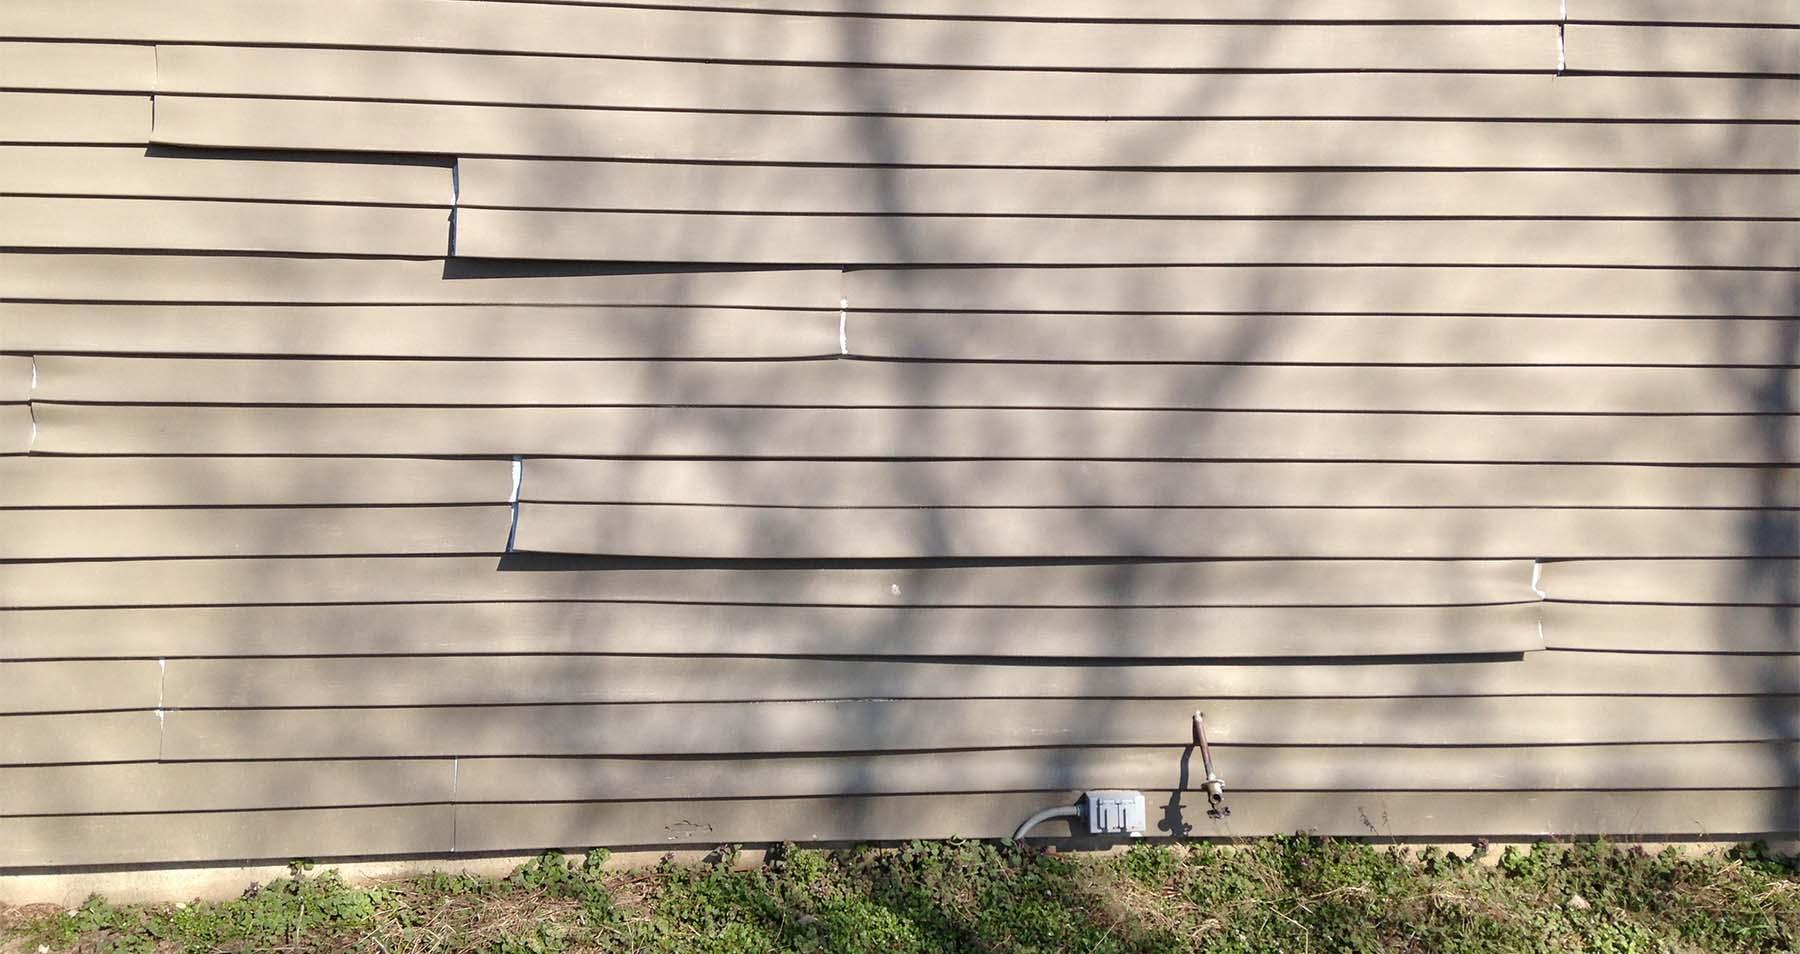 bad vinyl siding installation warping and buckling